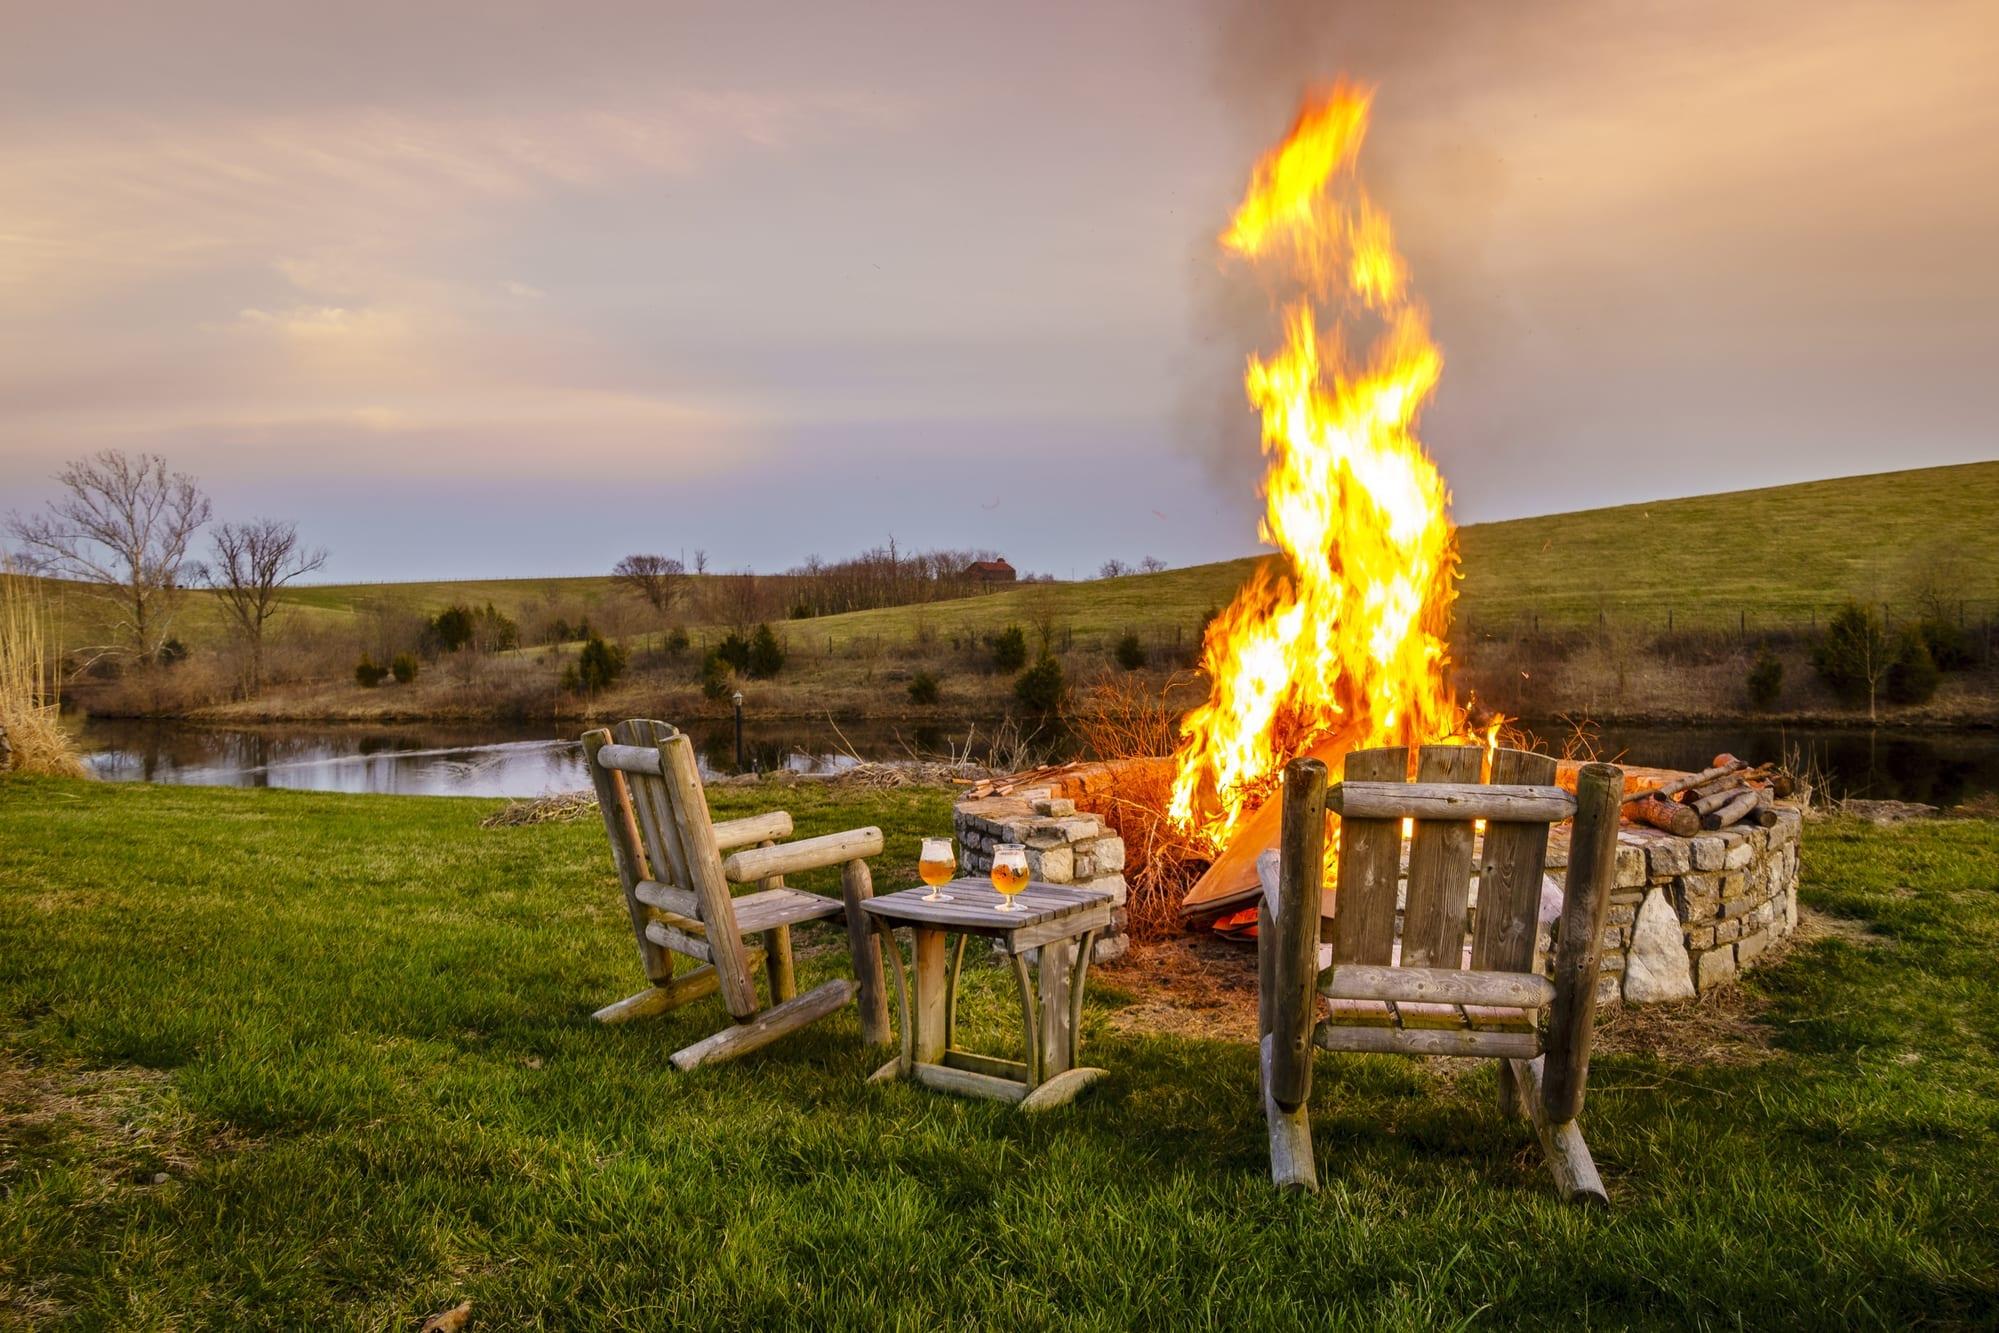 A big bonfire burns outside